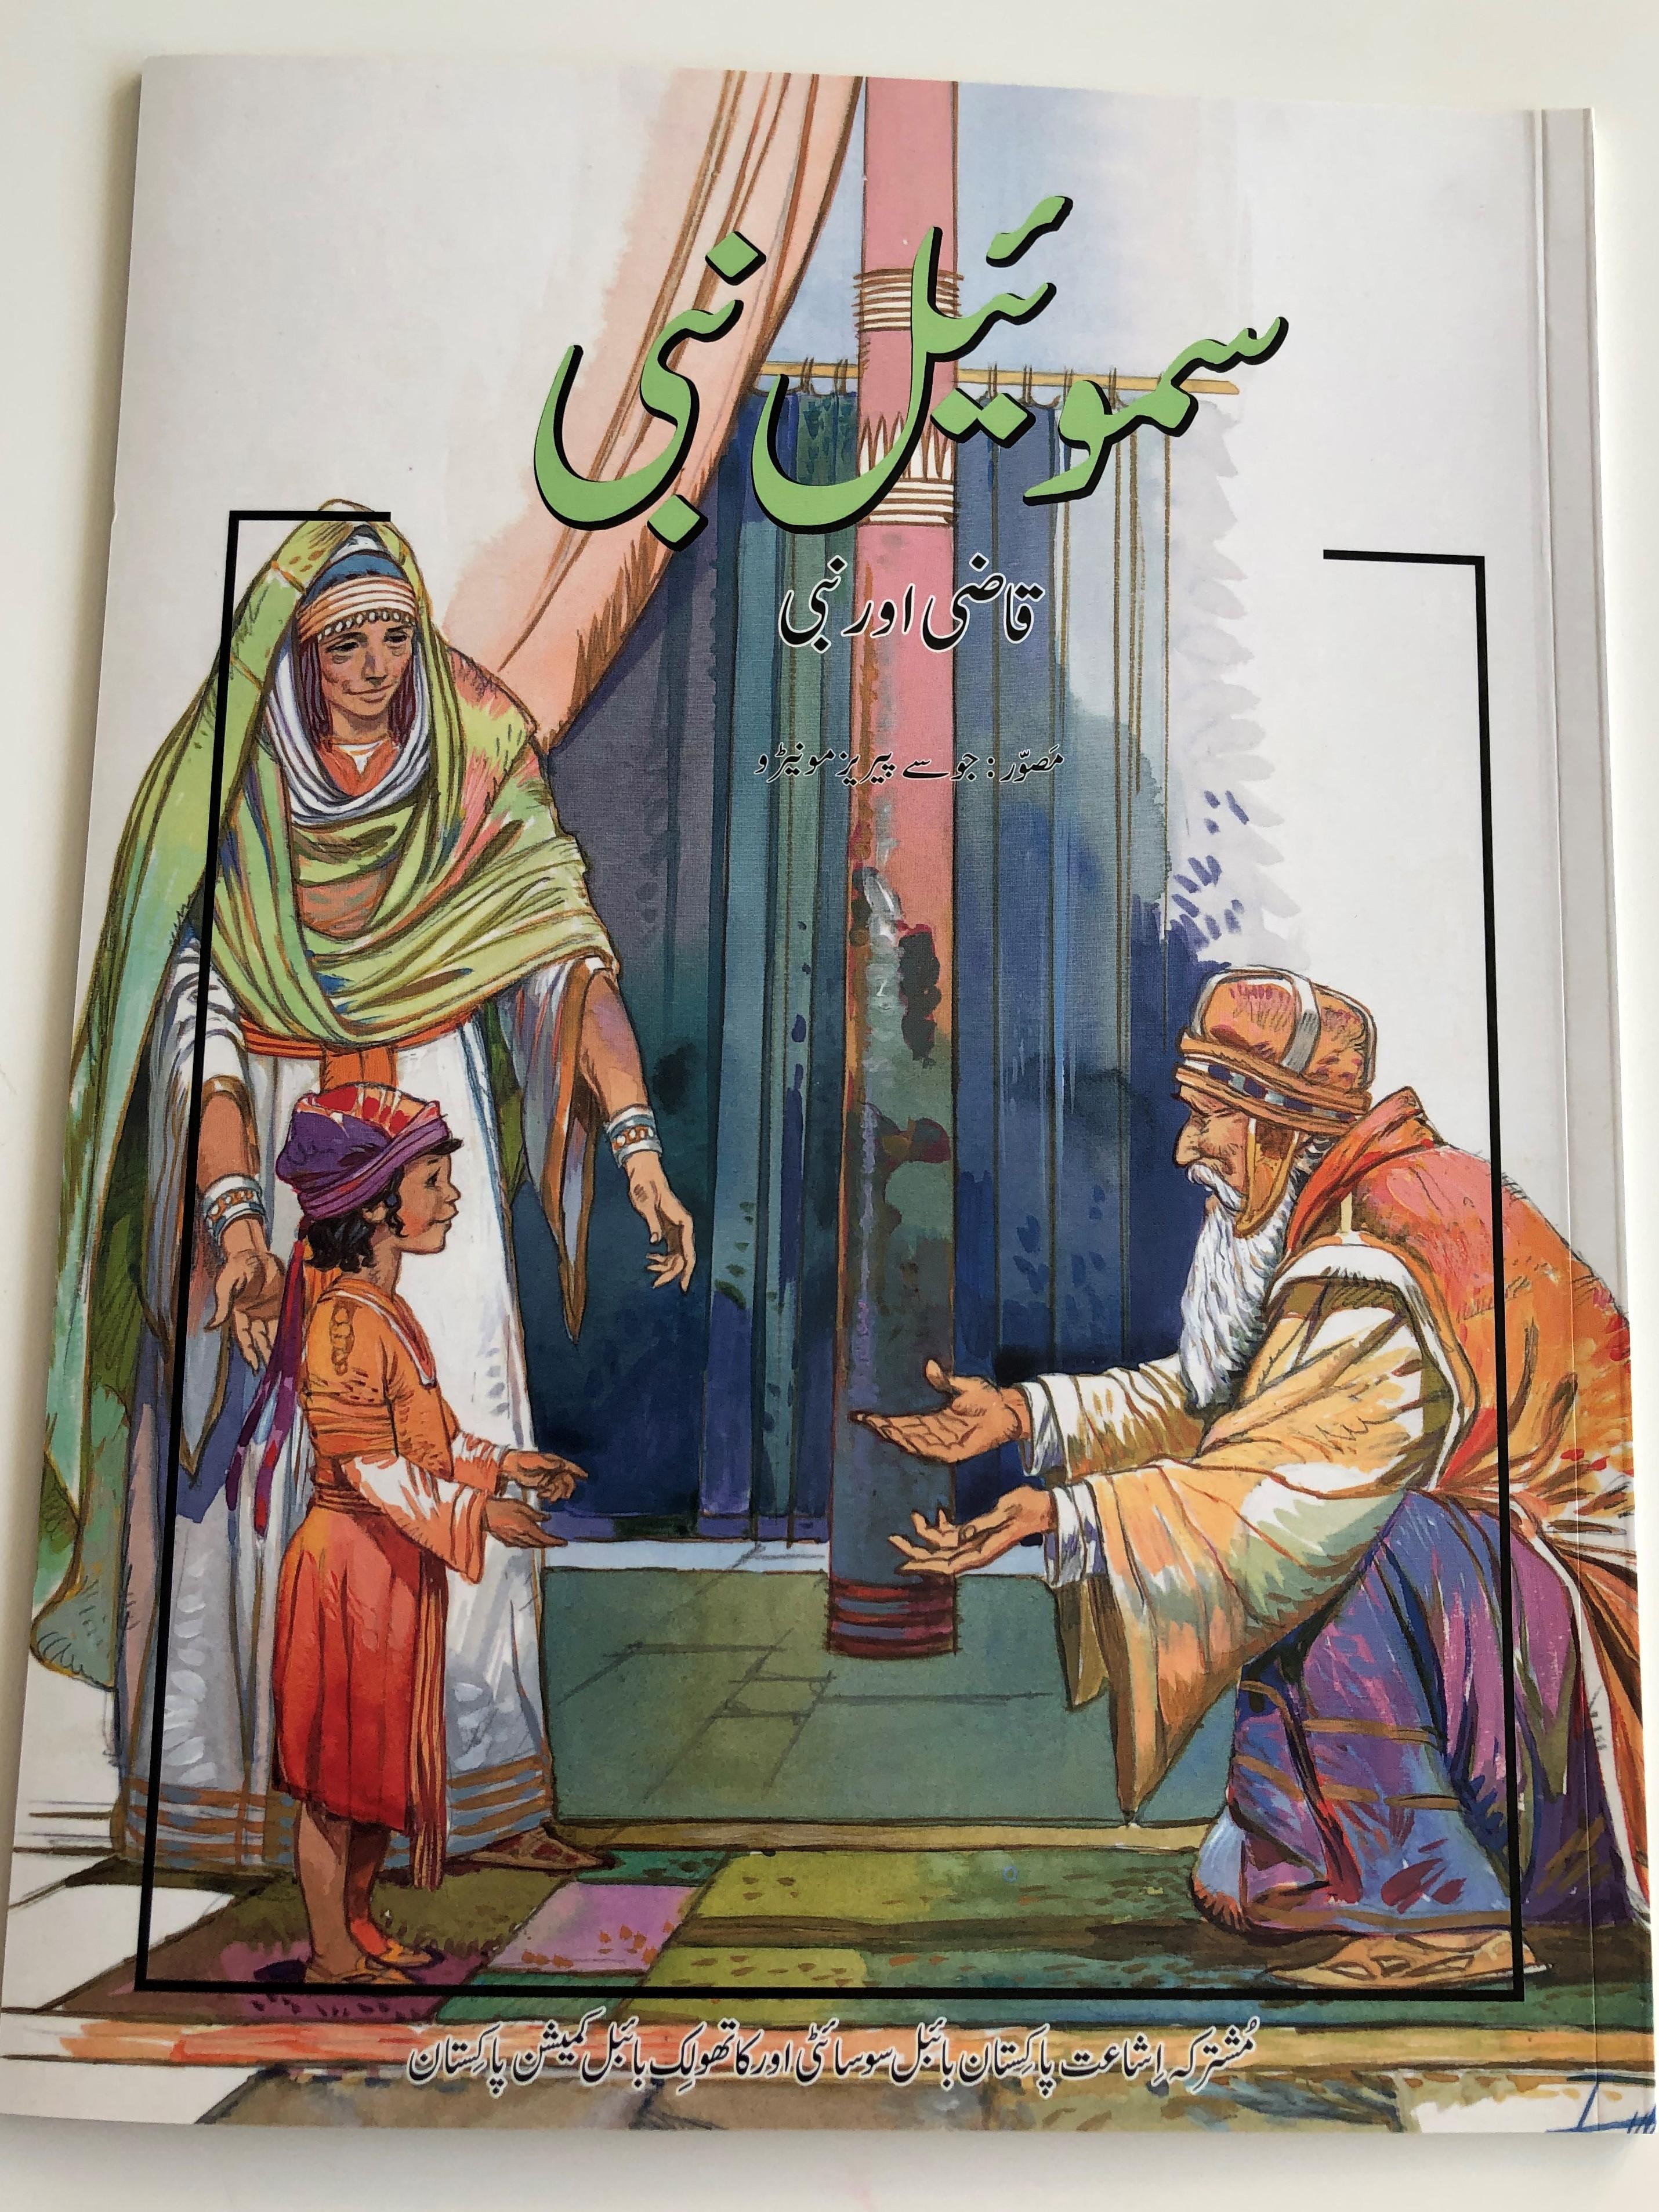 samuel-judge-and-prophet-urdu-1.jpg